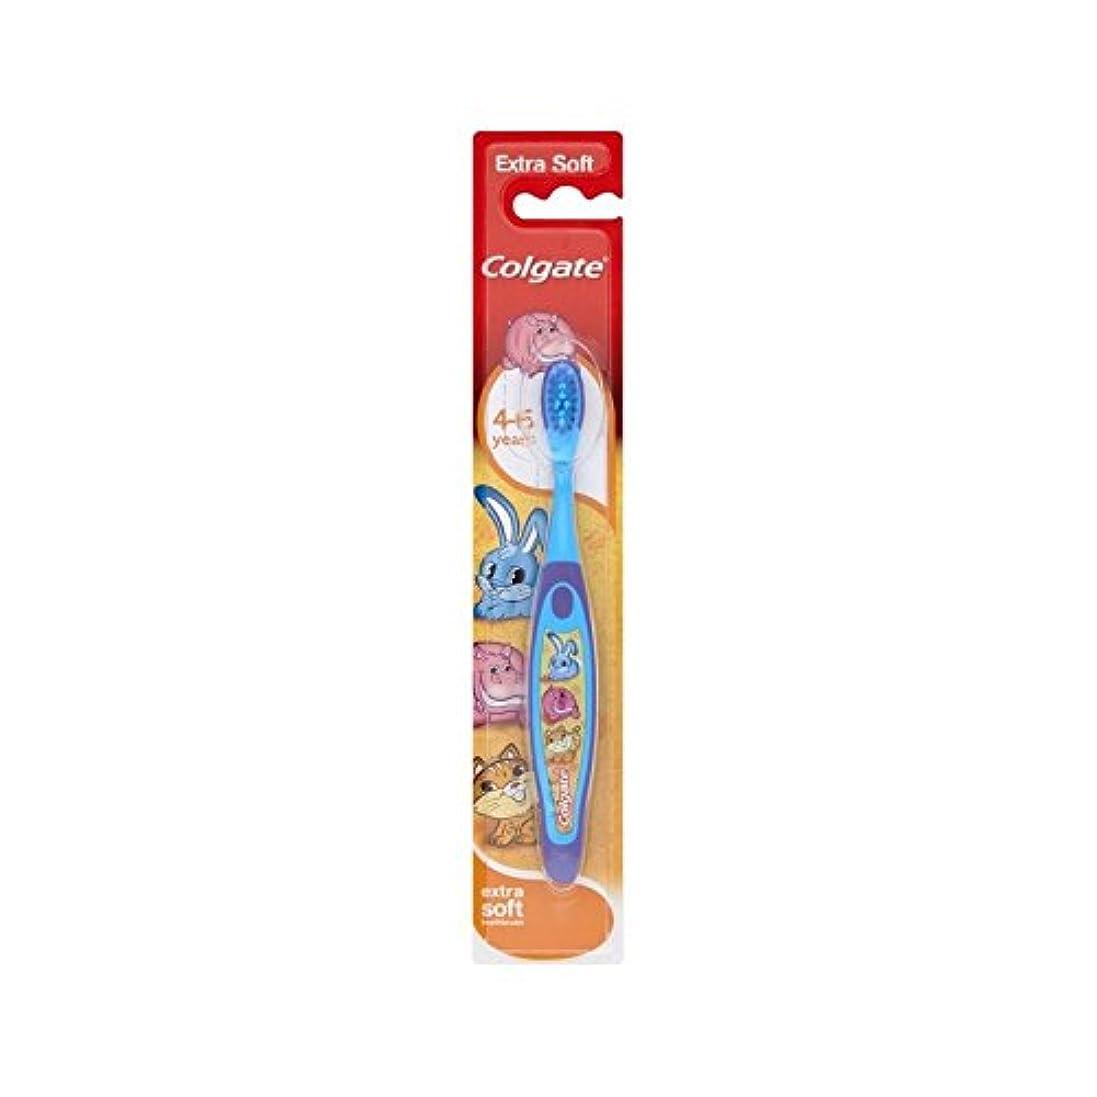 支給モック優れた4-6歳の歯ブラシを笑顔 (Colgate) (x 2) - Colgate Smiles 4-6 Years Old Toothbrush (Pack of 2) [並行輸入品]